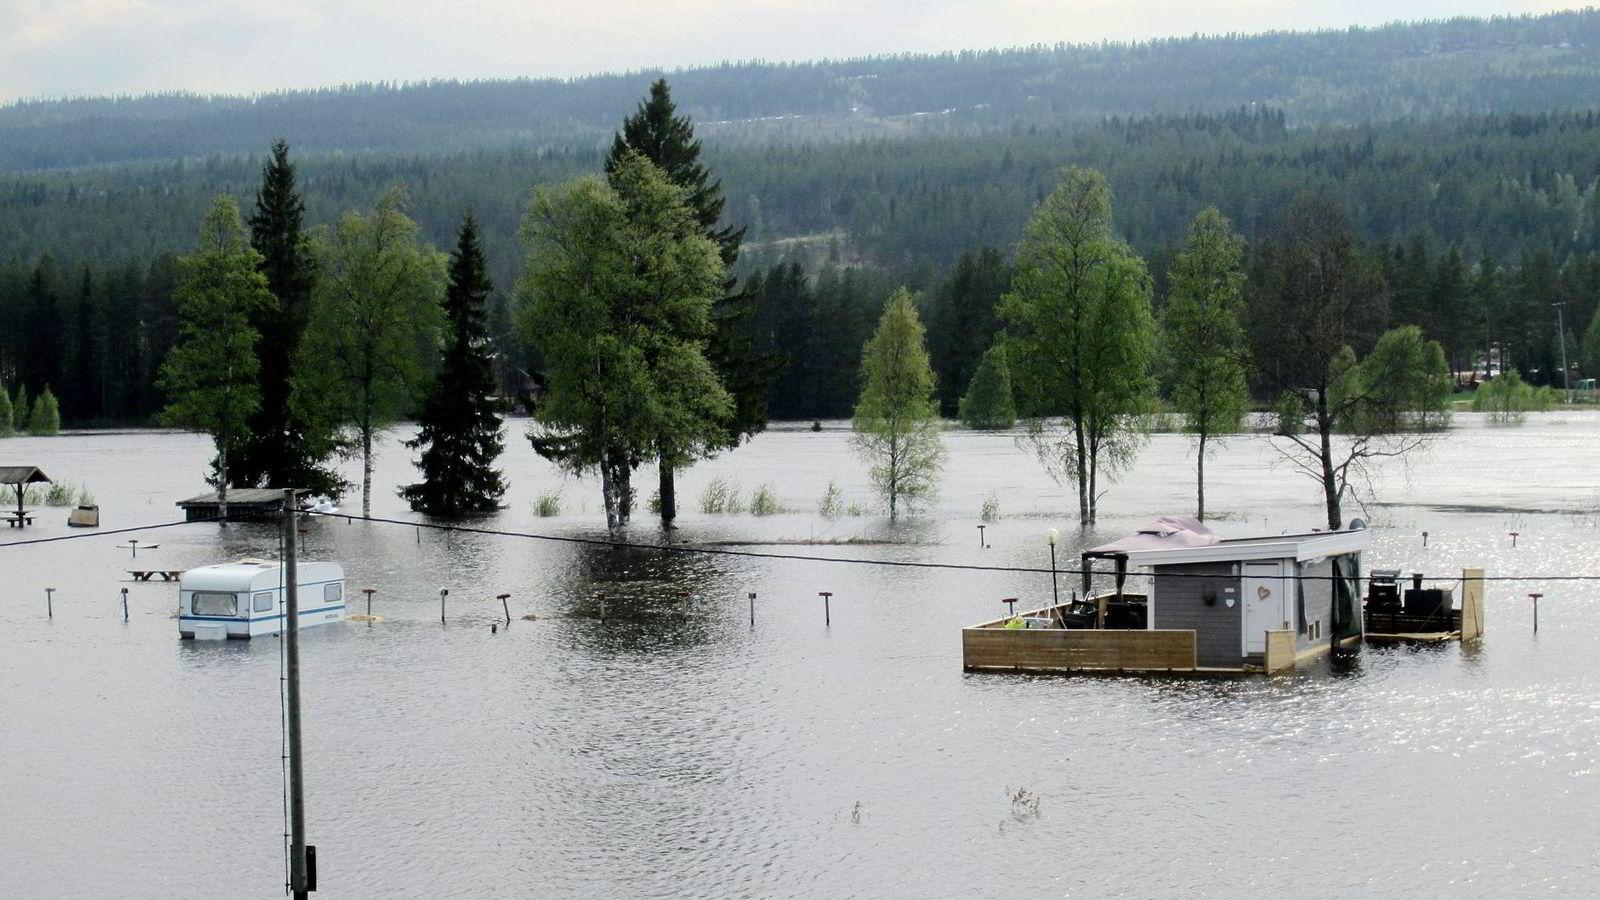 OVERSVØMMELSE. Fredag gikk Trysilelva over sine bredder og har blant annet oversvømmet campingplassen i Innbygda. Foto: Kari Hagevik Bakke,